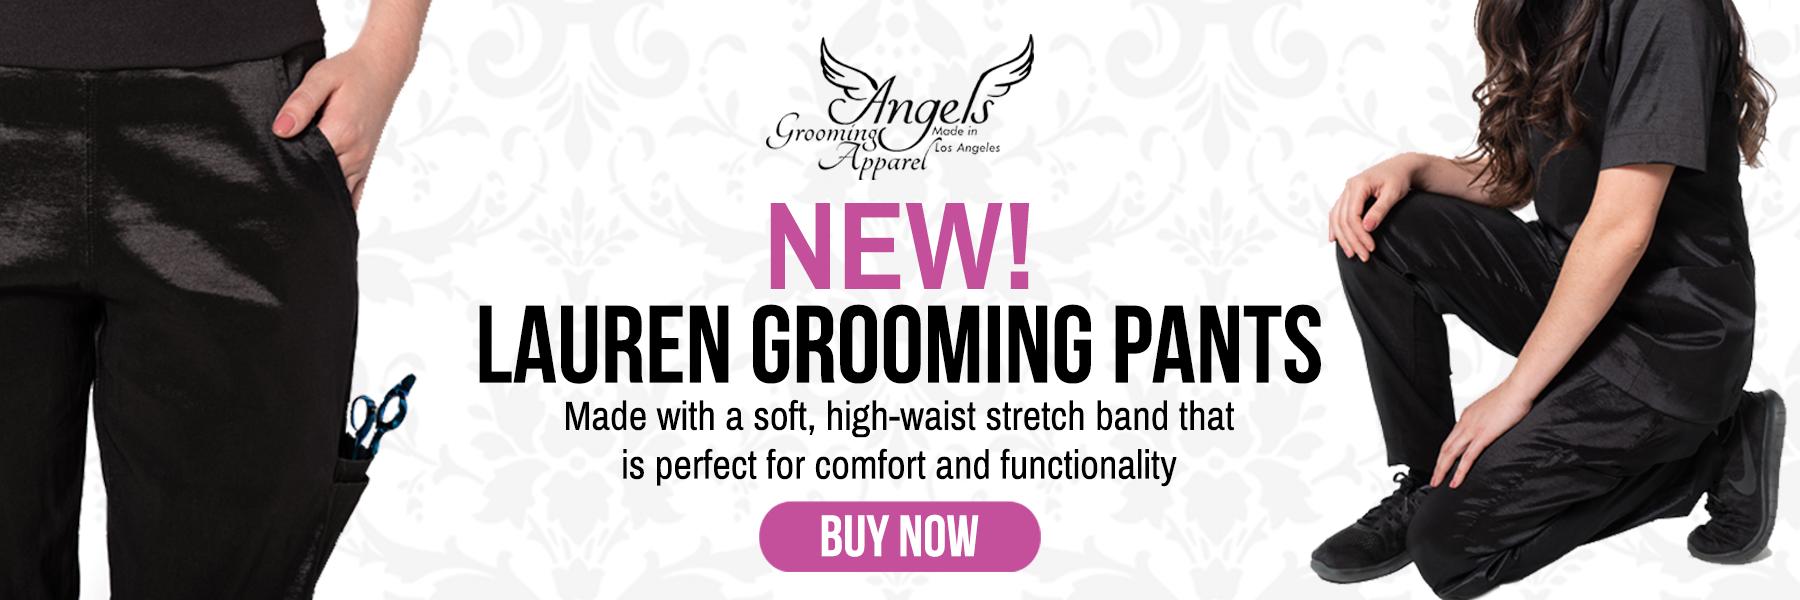 New Angels Grooming Apparel Lauren Grooming Pants